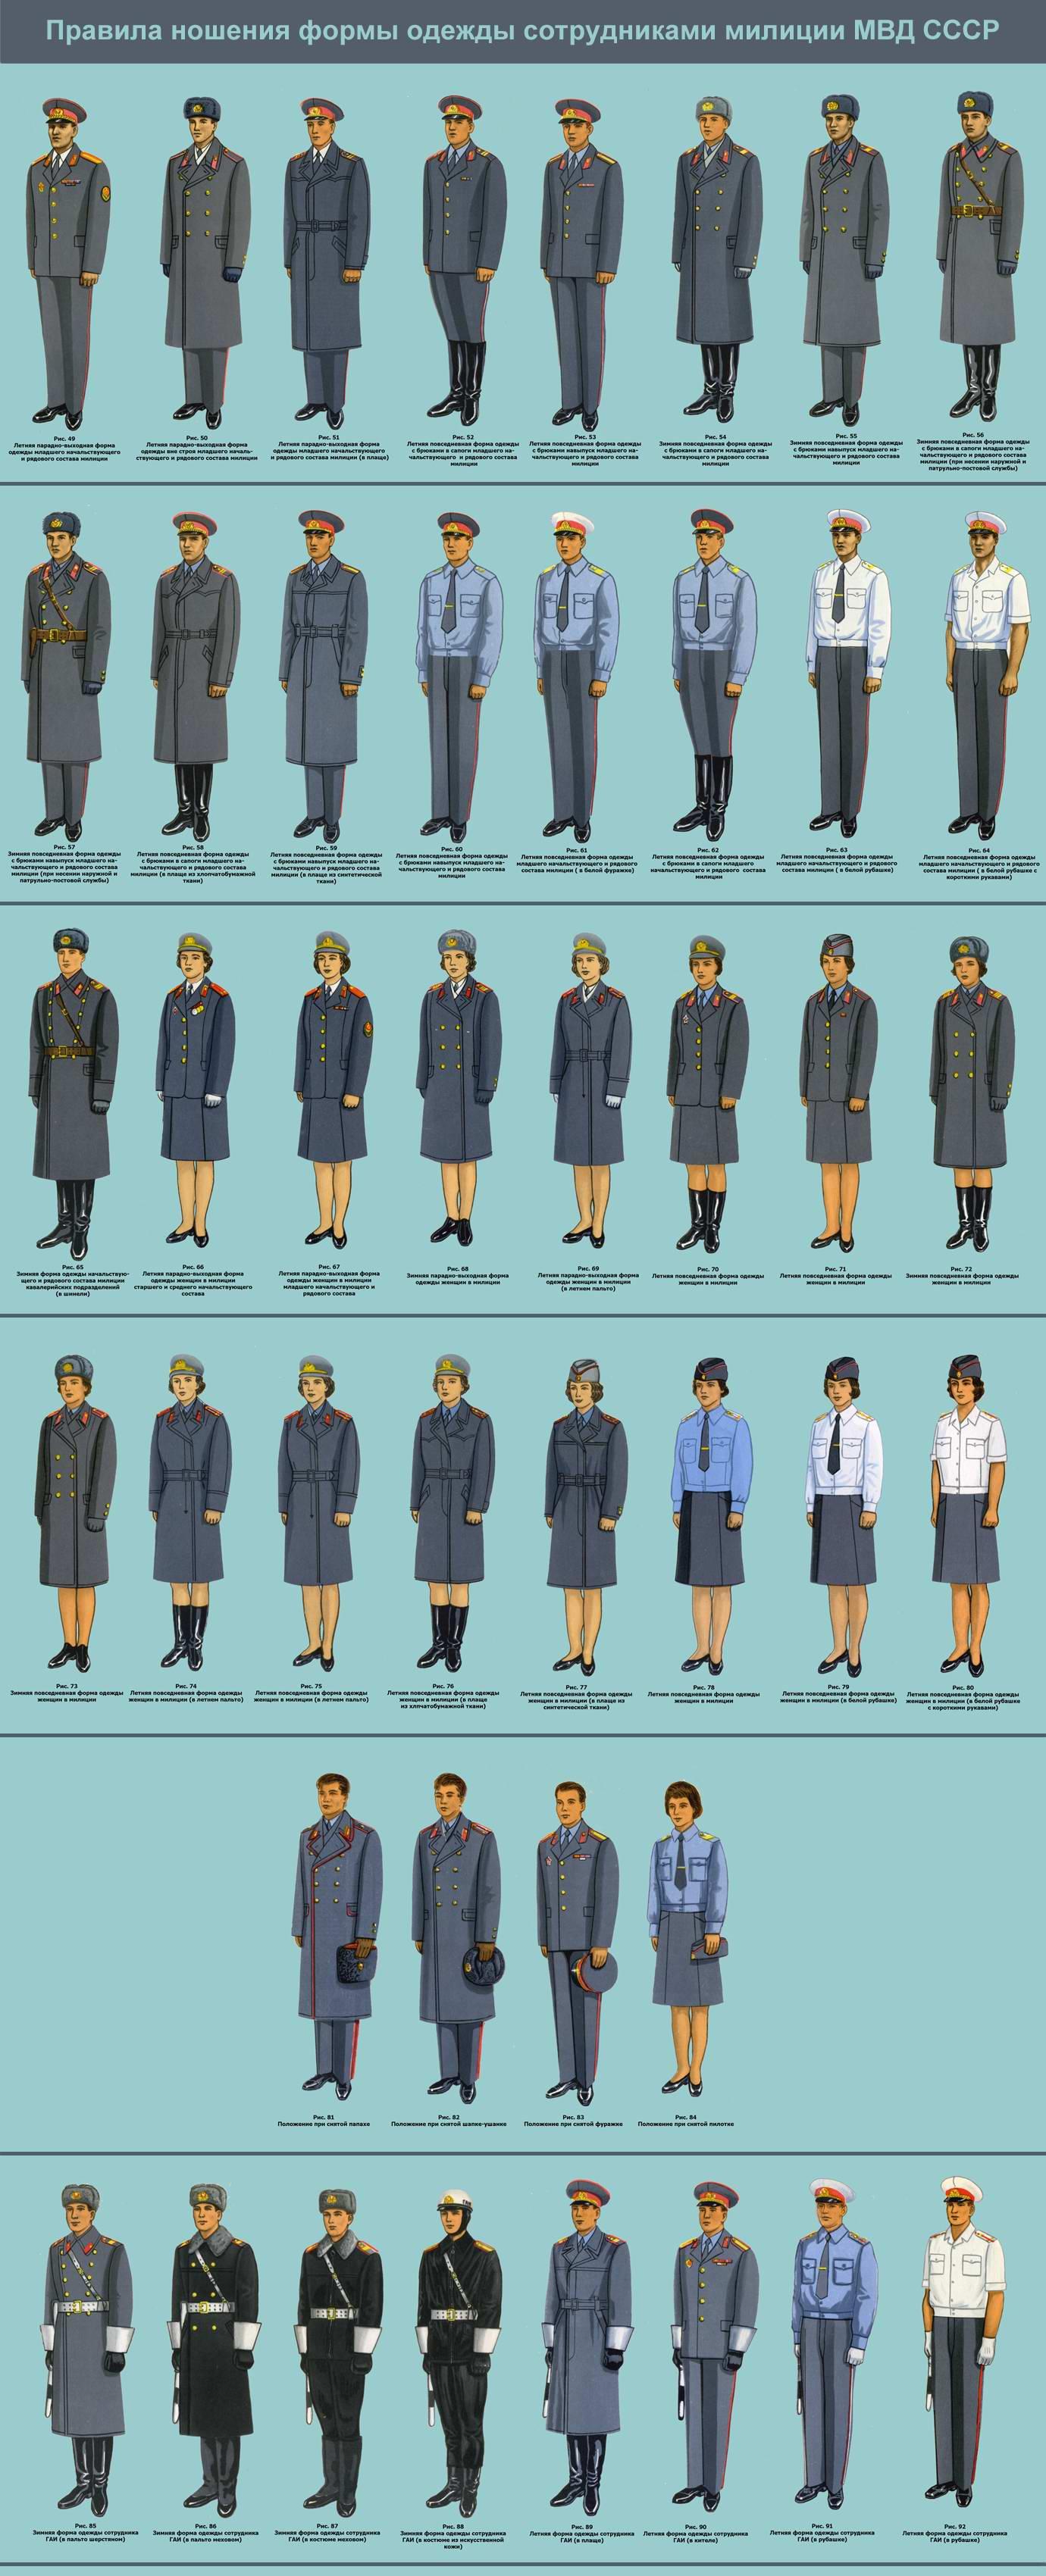 Правила ношения формы одежды сотрудниками милиции МВД СССР - рядовой и сержантский состав